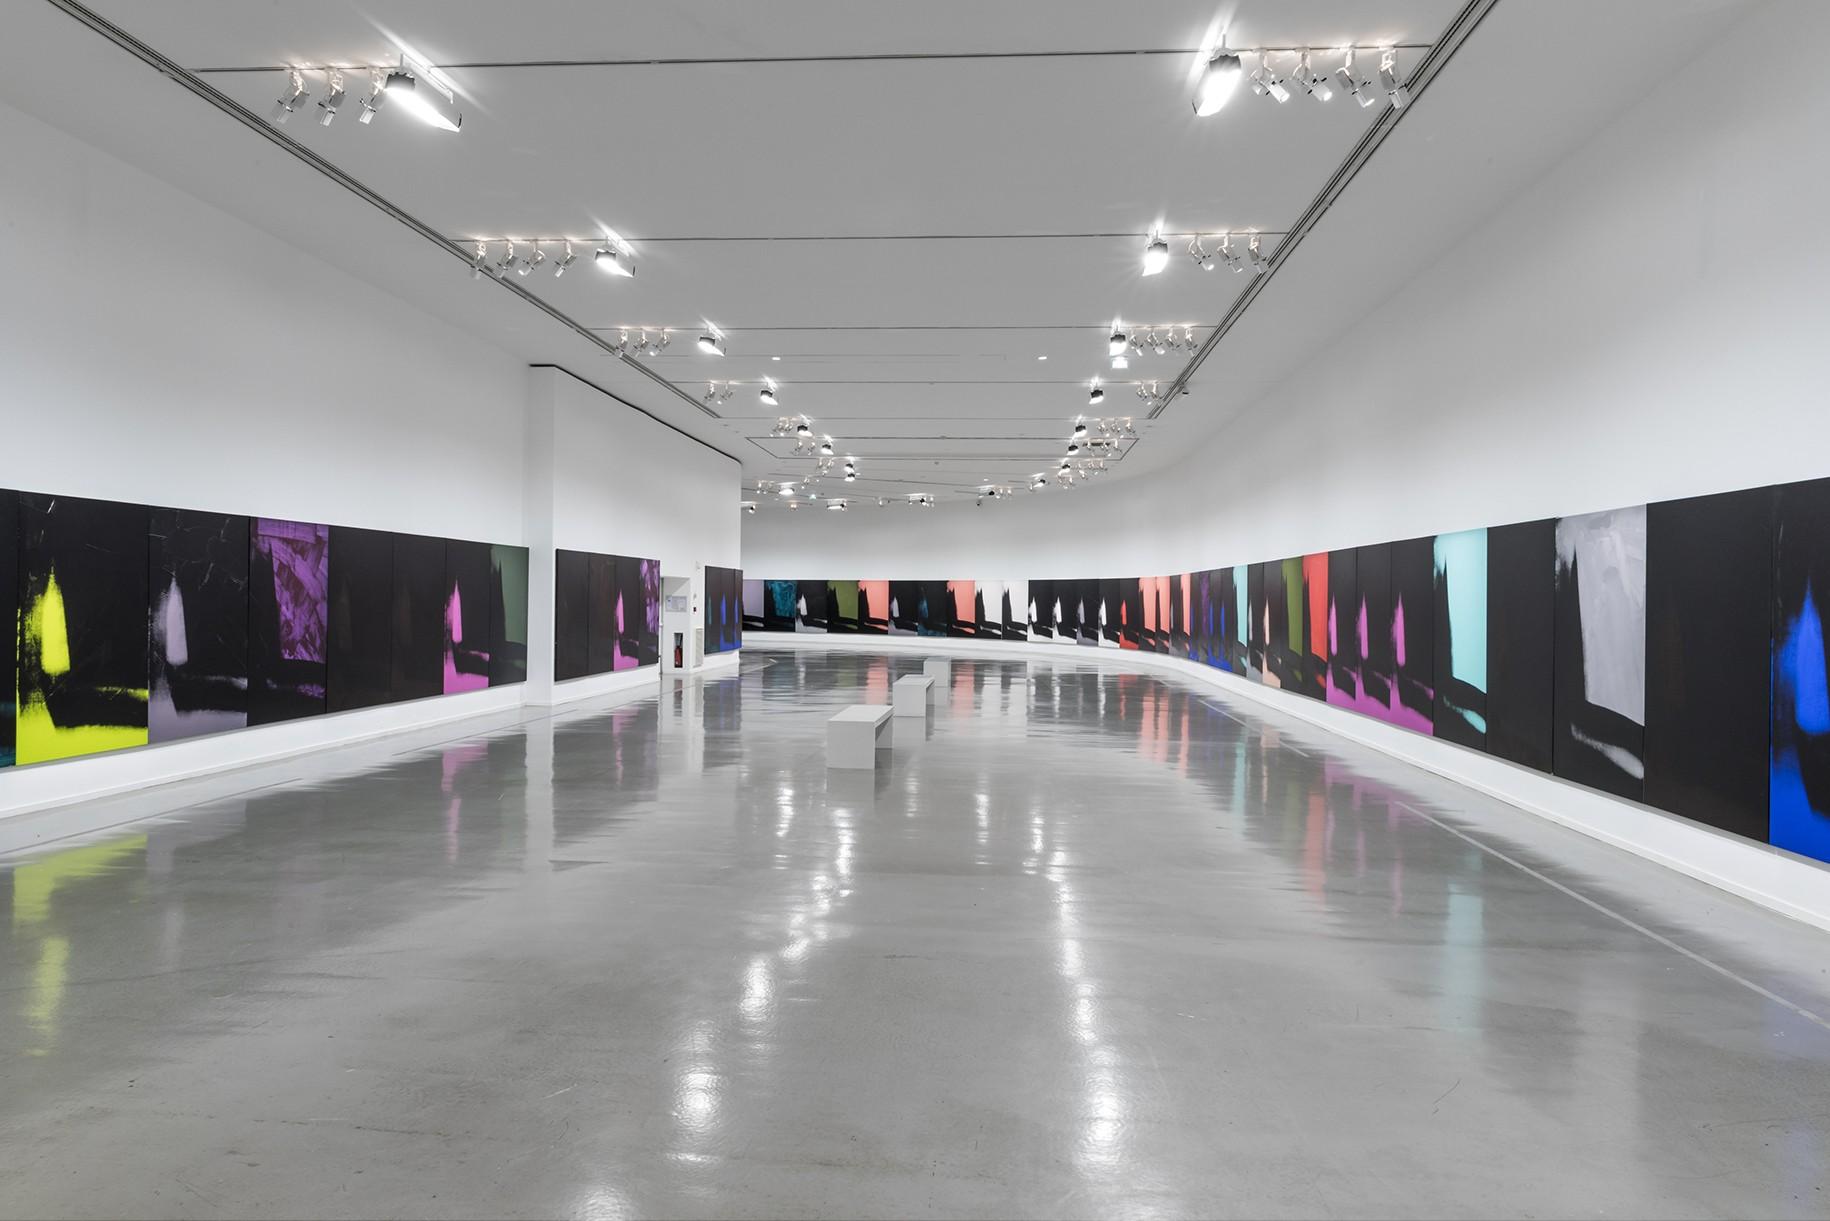 Andy Warhol, Shadows, 1978-79. Vue d'exposition, Warhol Unlimited, au Musée d'Art moderne de la Ville de Paris, 2015 © Courtesy Dia Art Foundation, New York © The Andy Warhol Foundation for the Visual Arts, Inc. / ADAGP, Paris 2015 © Pierre Antoine